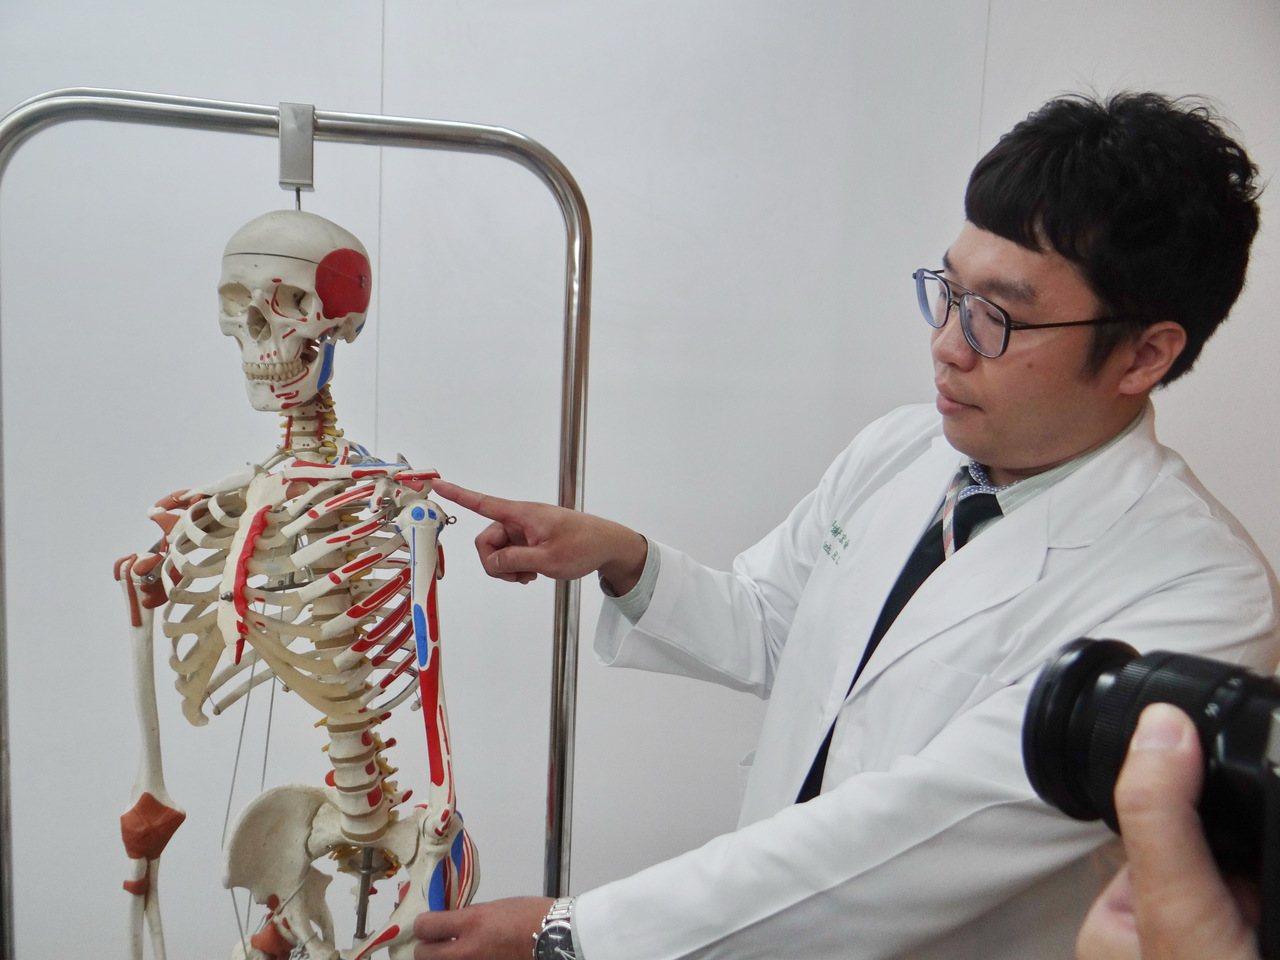 醫師謝宏侖說明肩膀骨刺形成原因及治療方式。記者蔡維斌/攝影